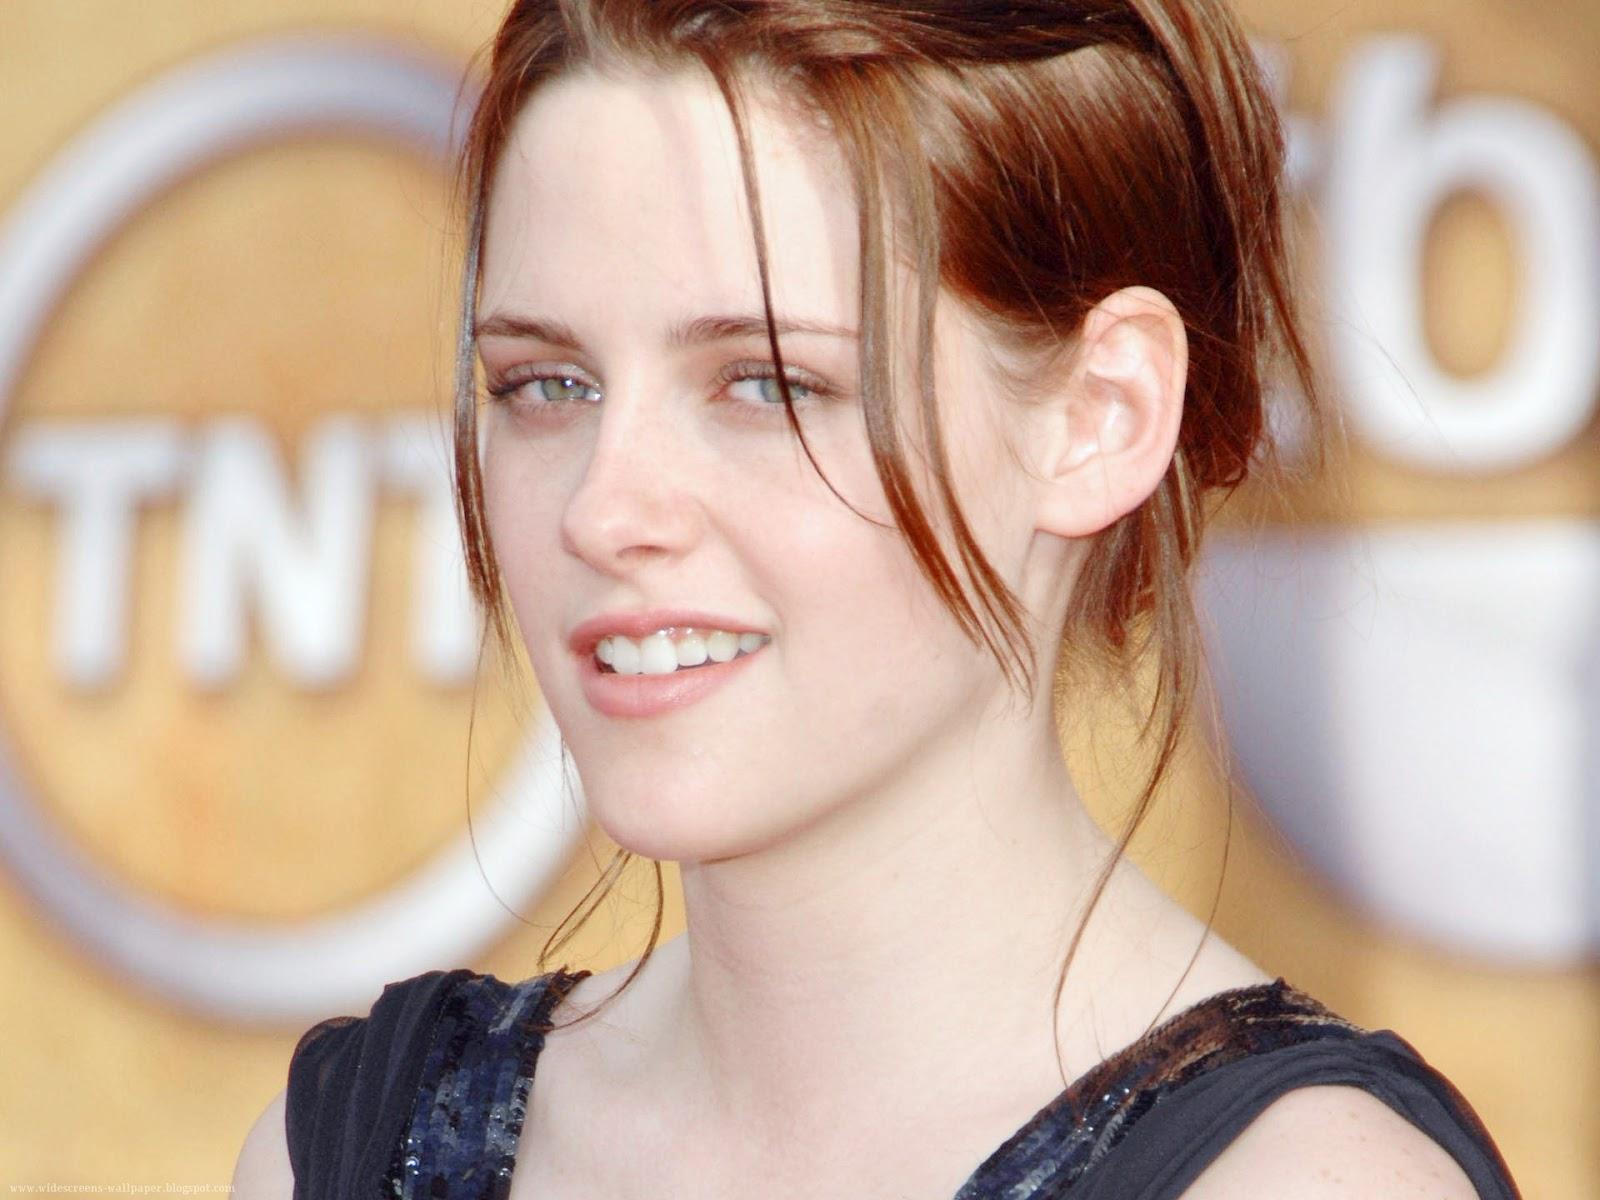 Kristen-Stewart-Laugh-Wallpapers